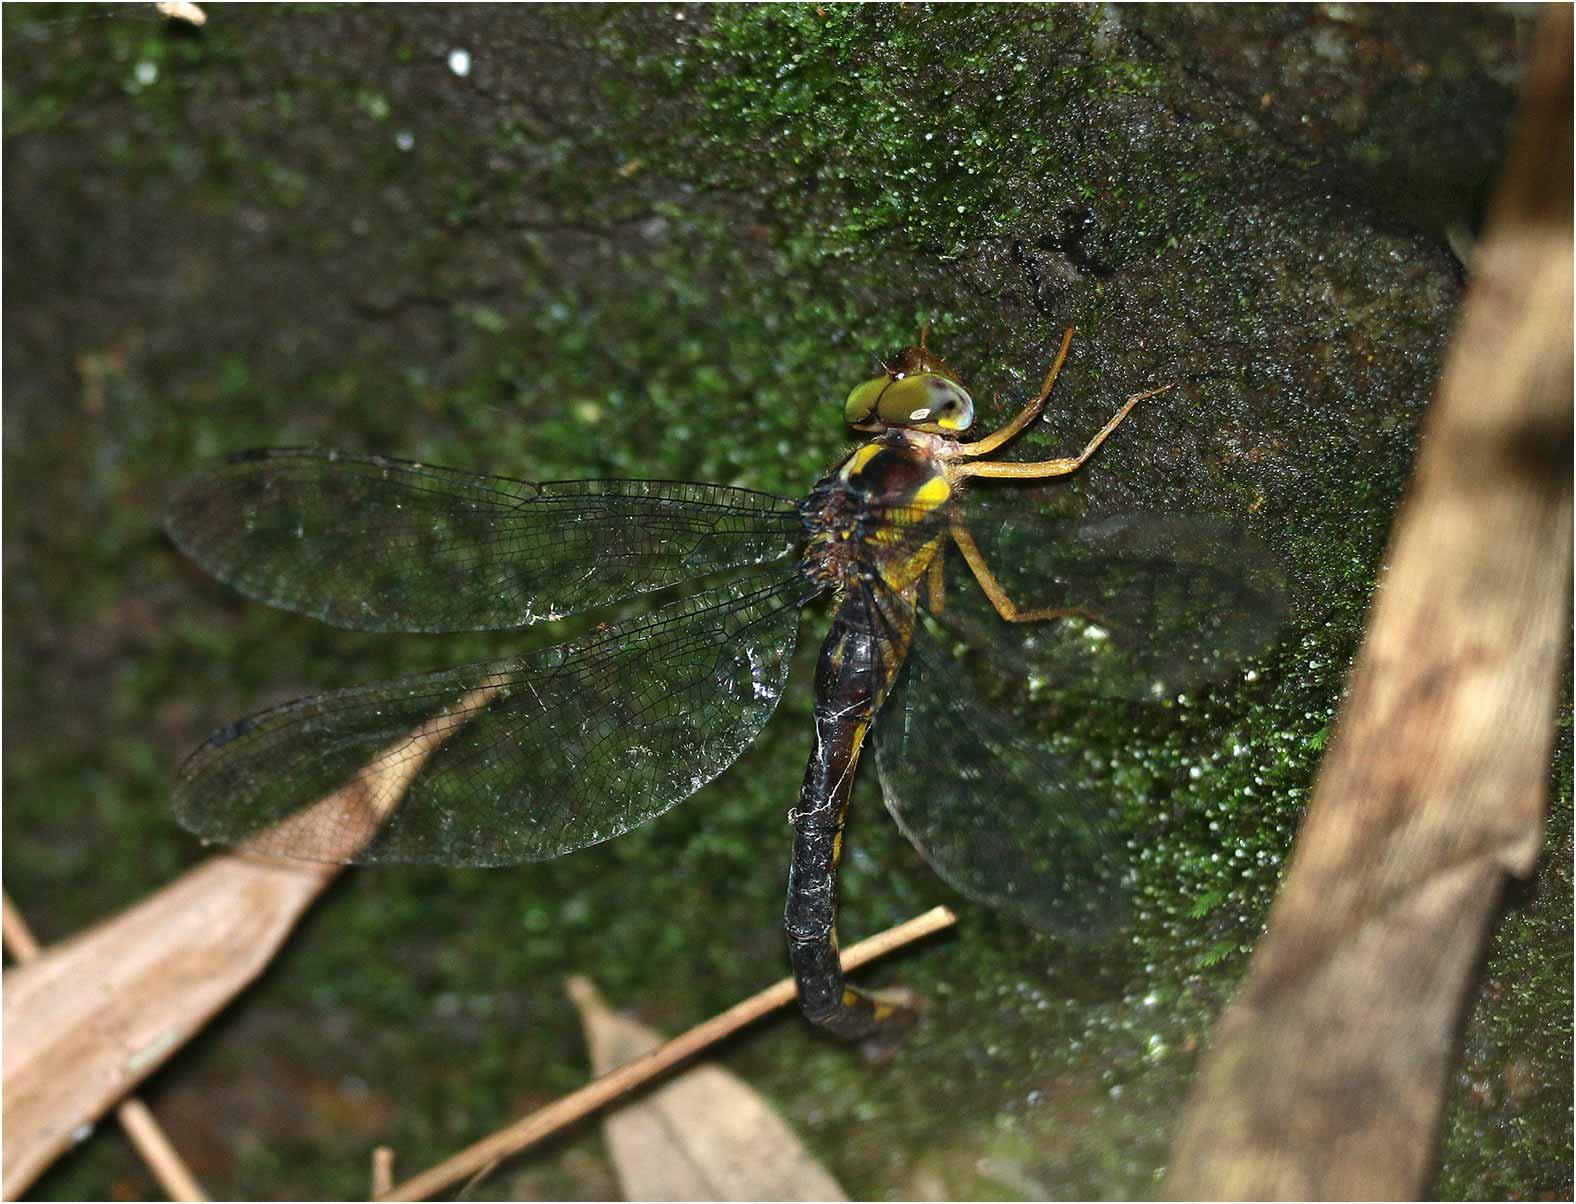 Petaliaeschna tomokunii femelle, Vietnam, Pia Oac, 05/06/2018